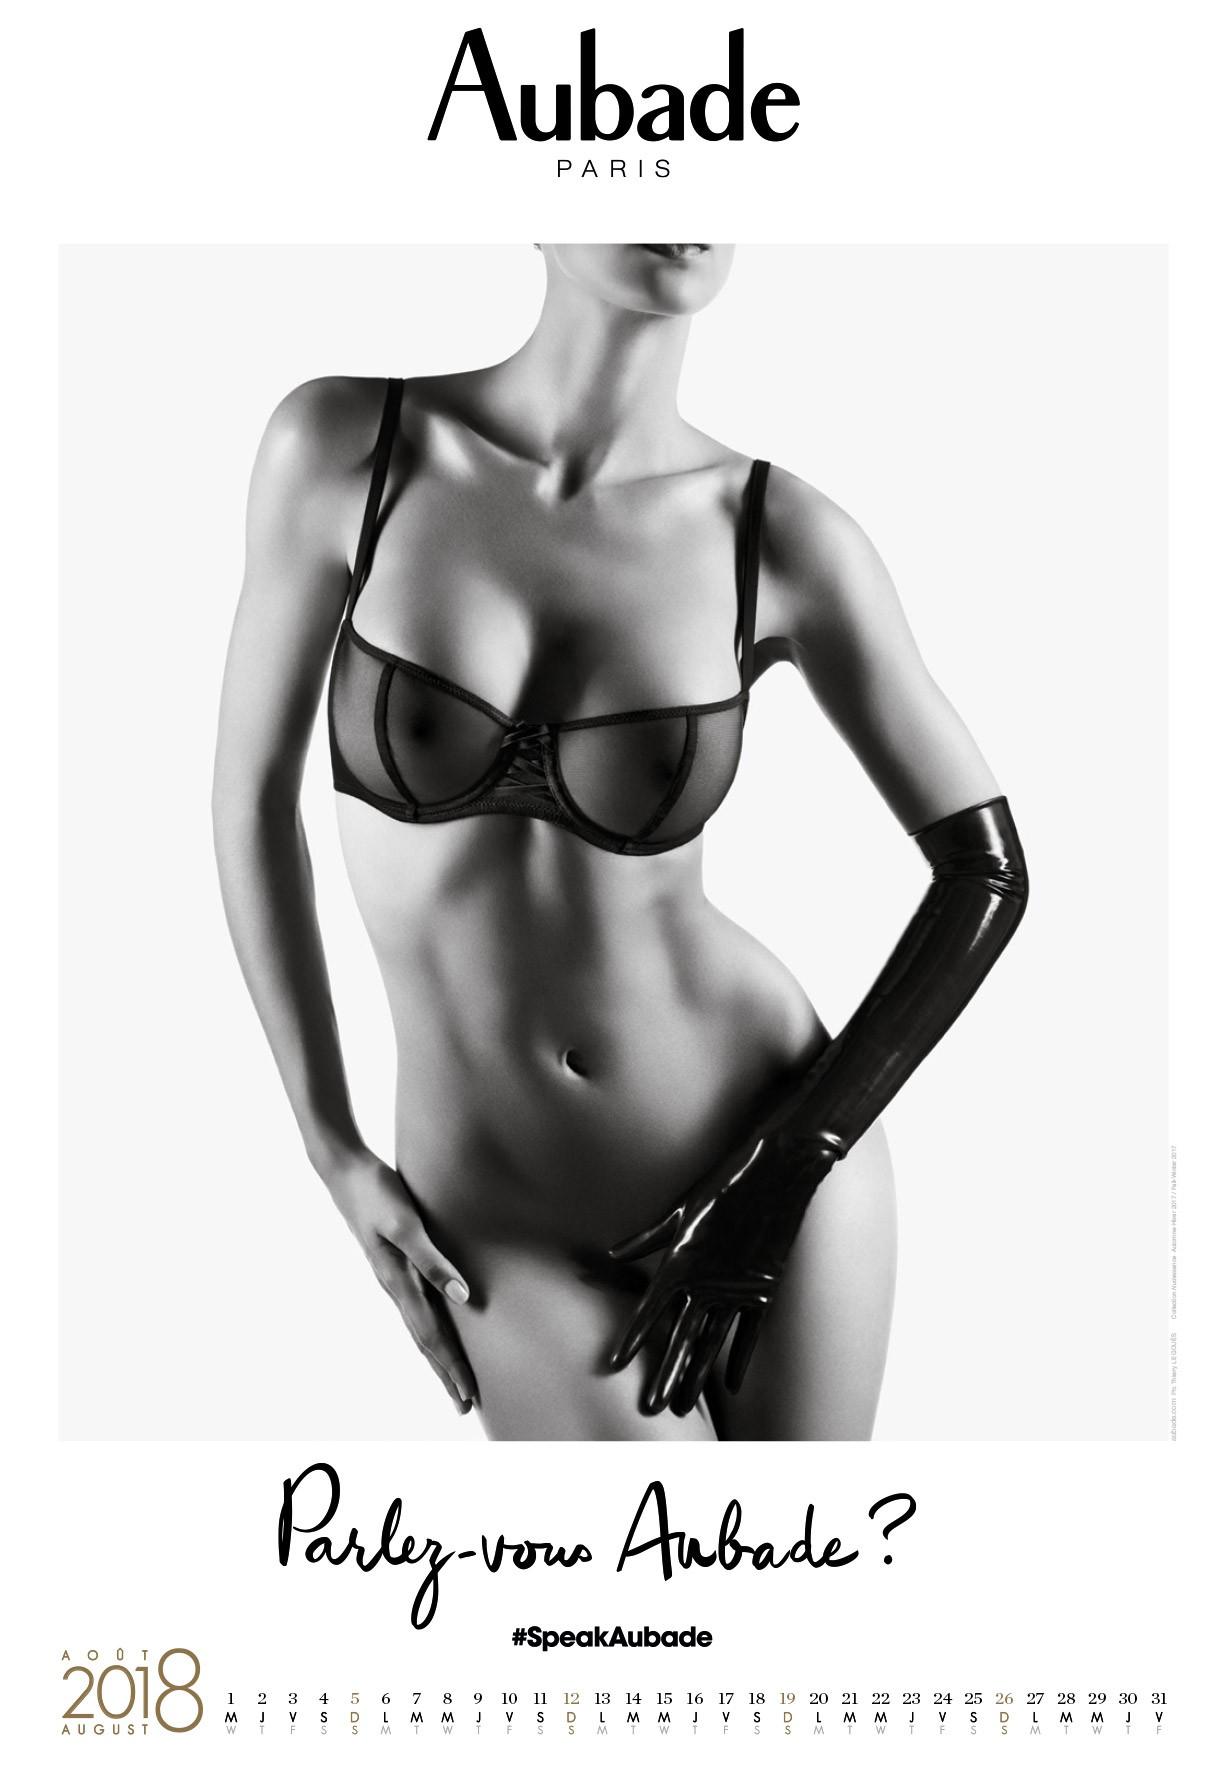 календарь сексуального нижнего белья Aubade 2018